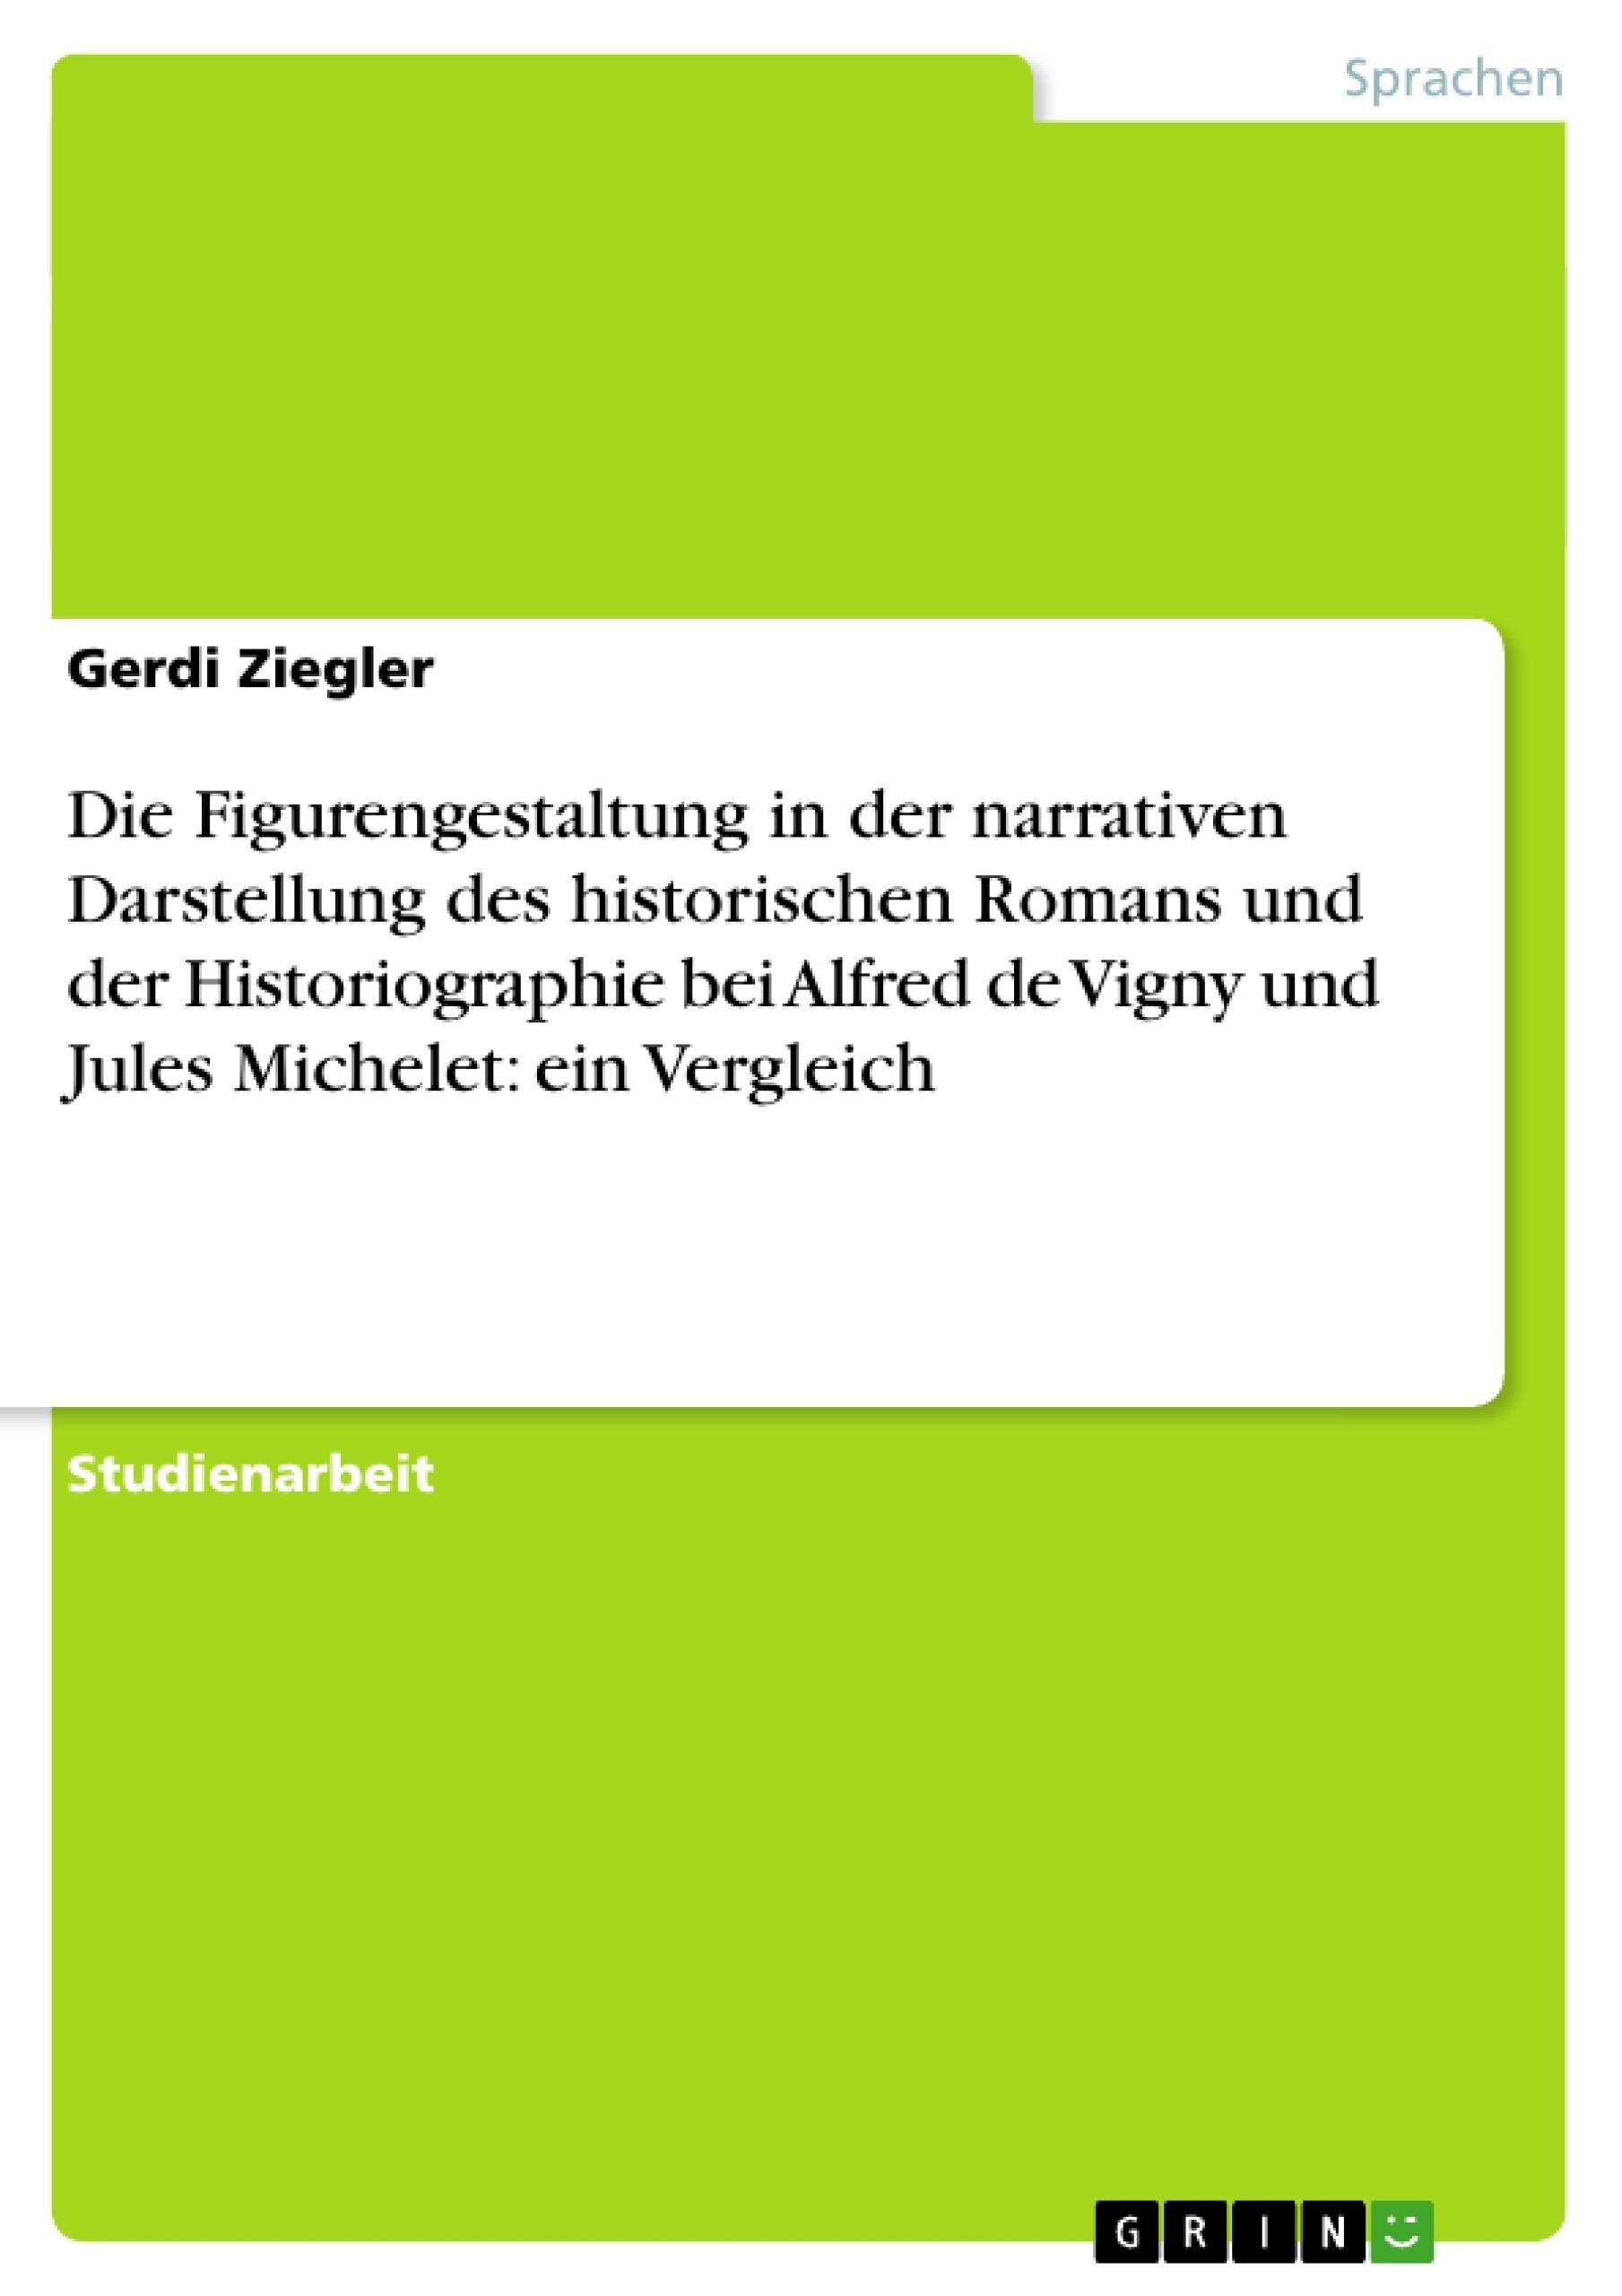 Titel: Die Figurengestaltung in der narrativen Darstellung des historischen Romans und der Historiographie bei Alfred de Vigny und Jules Michelet: ein Vergleich